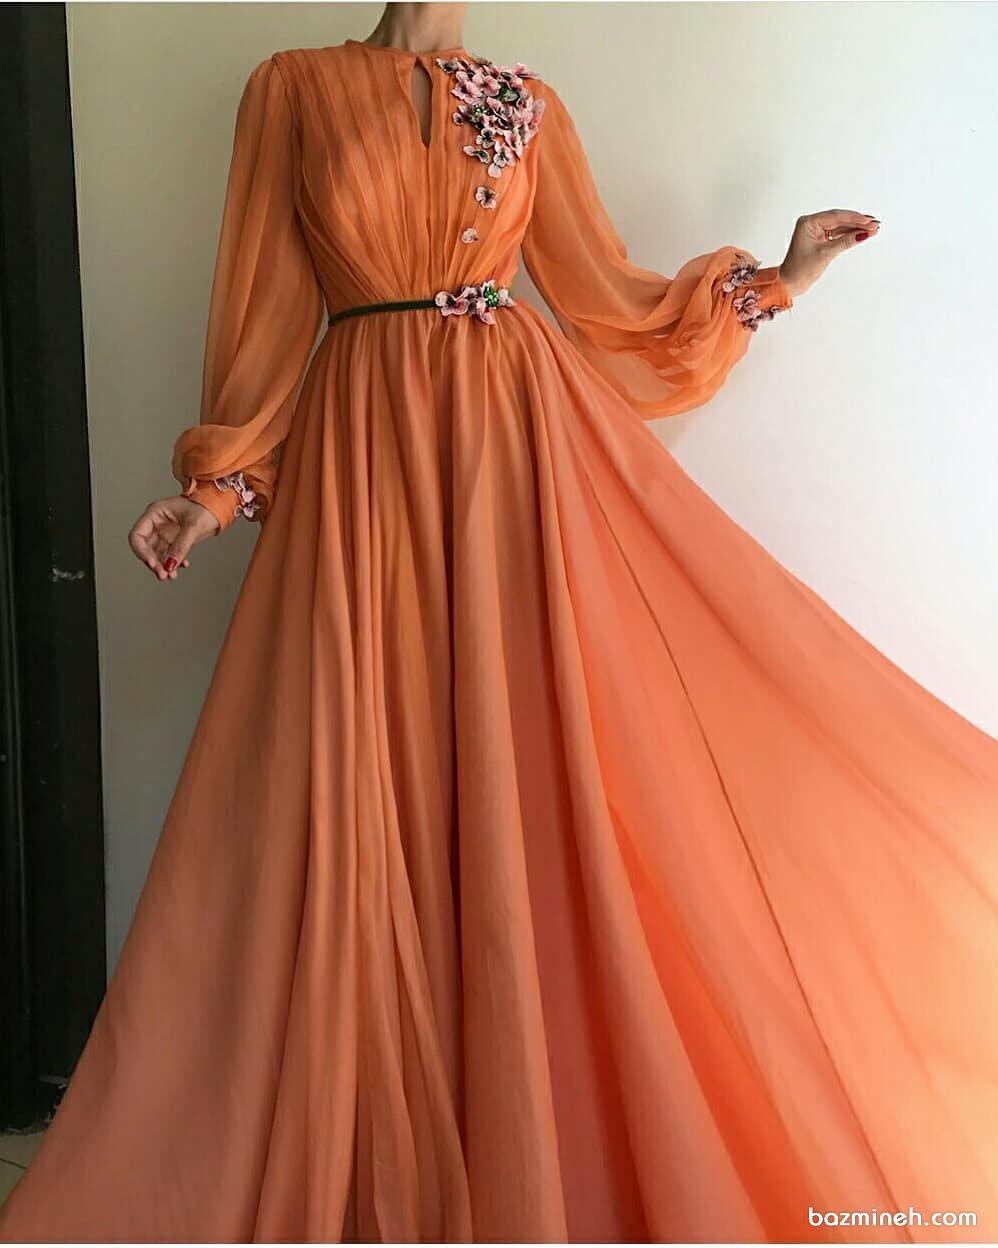 پیراهن حریر بلند نارنجی رنگ با آستین های پفی مچ دار گل برجسته مدلی زیبا برای عروس خانم ها در مراسم عقد محضری